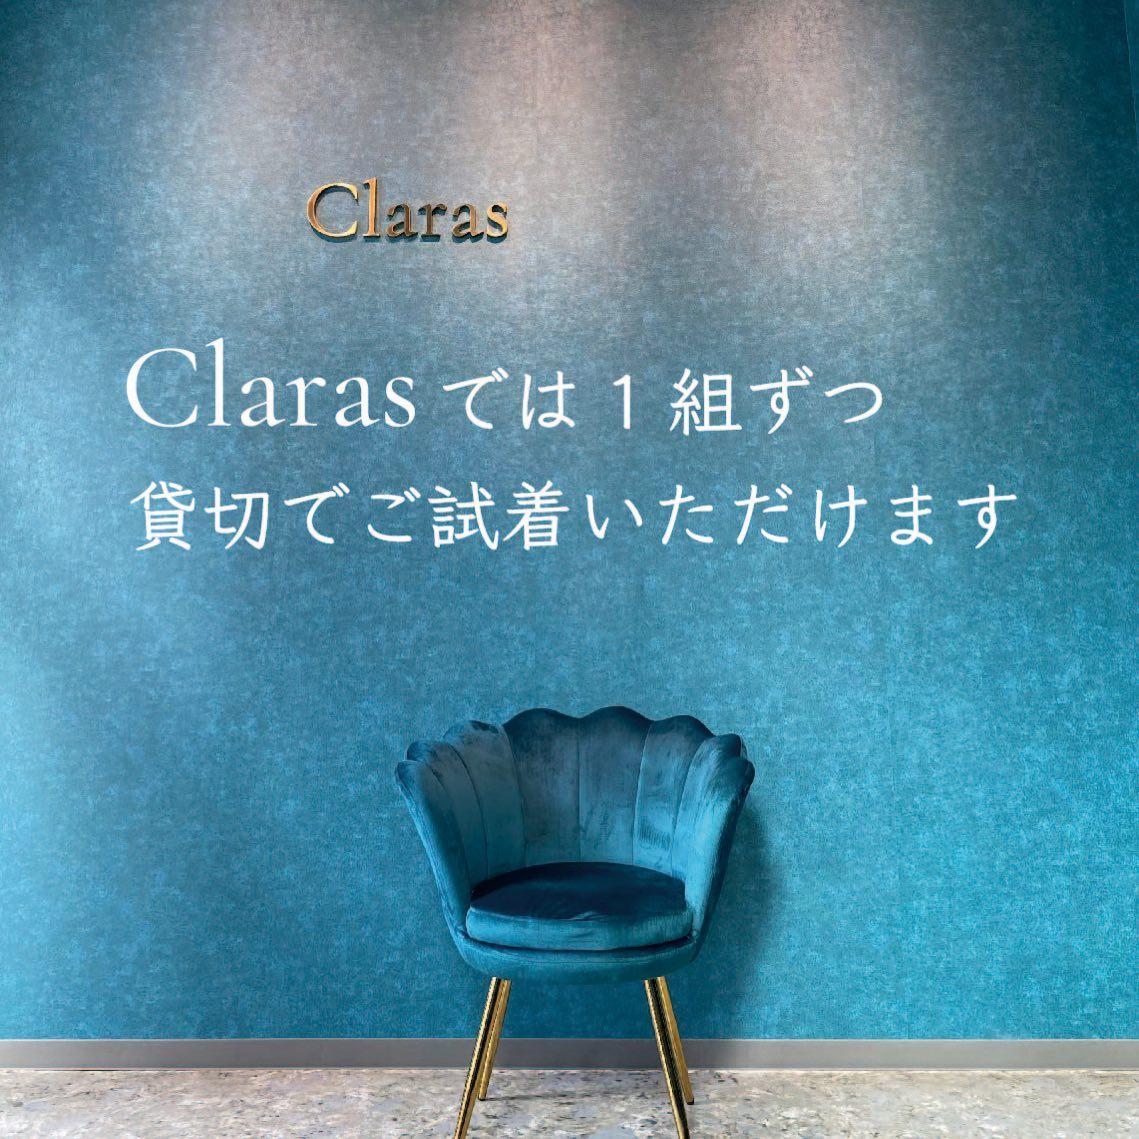 """🕊貸切で安心してご試着を🕊Clarasでは1組ずつ貸切でご試着頂けます♪・インポートドレスを適正価格でお届けするのがClarasレンタルでは叶わない繊細で上質な素材も、ジャストサイズだから再現できるデザイン美も販売だからこそ叶えていけるParisに関連会社があるからこそ直輸入での適正価格が叶う・Clarasは1組ずつ貸切でご案内寛ぎながら本当にその方に合った1着へと導きます自分だけのための1着を選びに来てください結婚式やフォトなど迷ってる方でもまずはClarasへ長年様々なウエディングに携わってきたClarasスタッフより、細かなカウンセリングを行い的確ななご提案をさせていただきますご予約はDMからでも承れます・New Normal Wedding Salon""""Claras""""https://claras.jp/・about """"Claras""""…(ラテン語で、明るい·輝く)As(明日· 未来, フランス語て最高、一番) ・明るく輝く明日(未来) に貢献したいという想いを込めています🕊Fashionの都Parisをはじめ、欧米から選りすぐりのドレスをこれから出逢う花嫁のために取揃えました・2021.3.7 (Sun)NEW OPEN・Dressから始まるWedding Story""""憧れていた Dress選びから始まる結婚準備があったっていい""""・さまざまな新しい「価値」を創造し発信していきますこれからの新しい Wedding の常識を""""Claras """"から🕊・New Normal Wedding Salon【Claras】〒107-0061 東京都港区北青山2-9-14SISTER Bldg 1F(101) 東京メトロ銀座線 外苑前駅3番出ロより徒歩2分Tel:03 6910 5163HP: https://claras.jp営業時間:平日 12:00-18:00 土日祝11:00-18:00(定休日:月・火)・#wedding #weddingdress #instagood #instalike #claras #paris #vowrenewal#ウェディングドレス #プレ花嫁 #ドレス試着 #ドレス迷子#2021夏婚 #2021冬婚 #ヘアメイク #結婚式  #ドレス選び #前撮り #インポートドレス #フォトウェディング #ウェディングヘア  #フォト婚 #ニューノーマル #ブライダルフォト #カップルフォト #ウェディングドレス探し #ウェディングドレス試着 #セルドレス #ドレスショップ #貸切 #運命のドレス"""